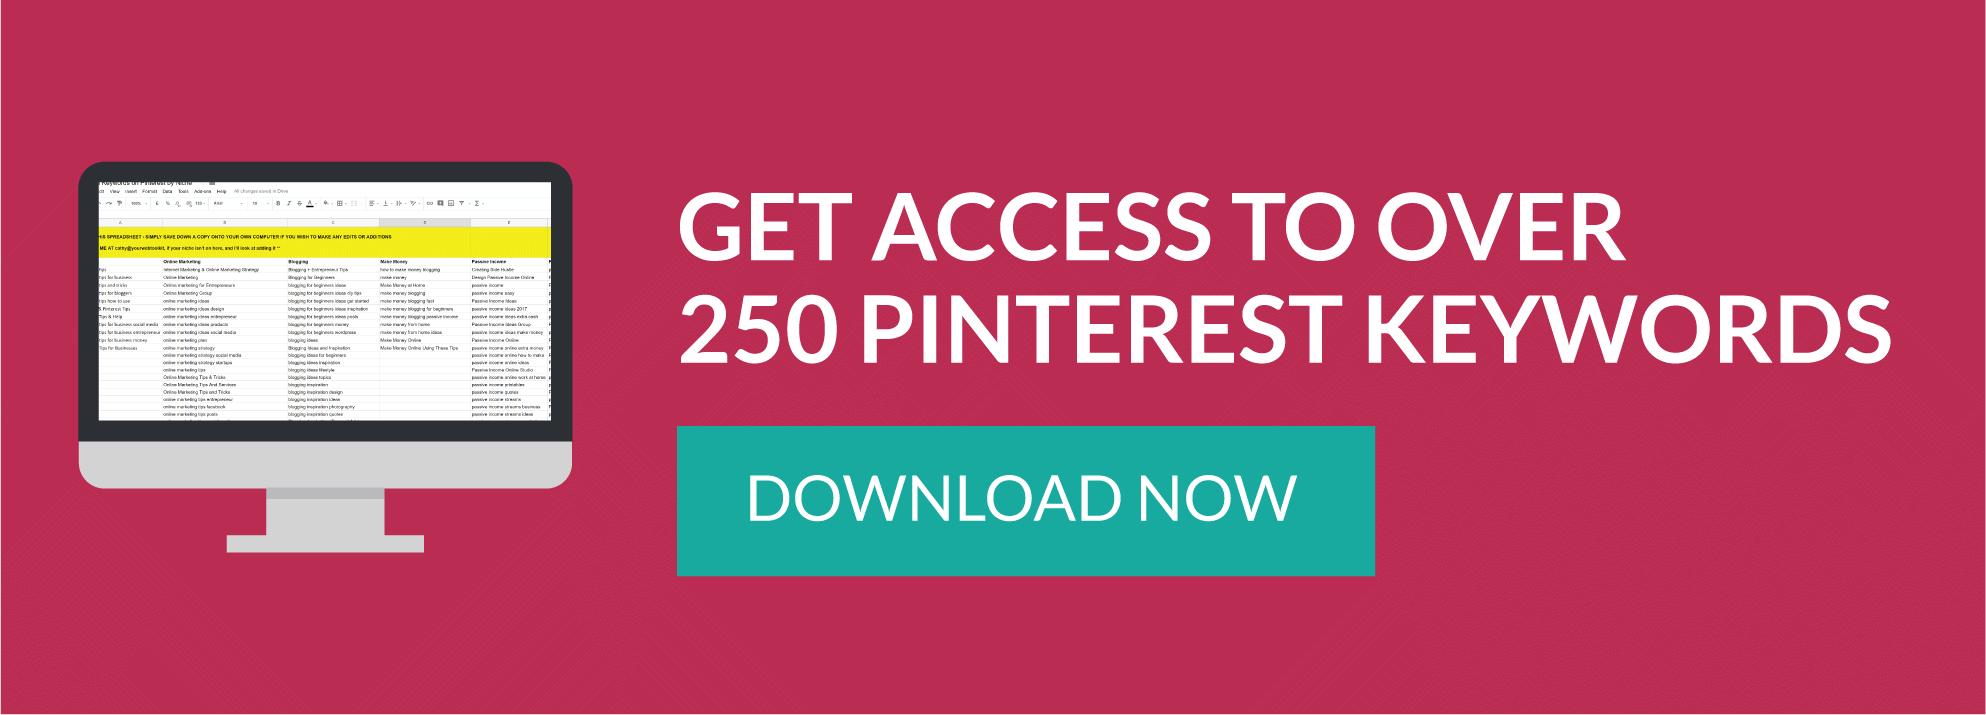 Download over 250 Pinterest Keywords